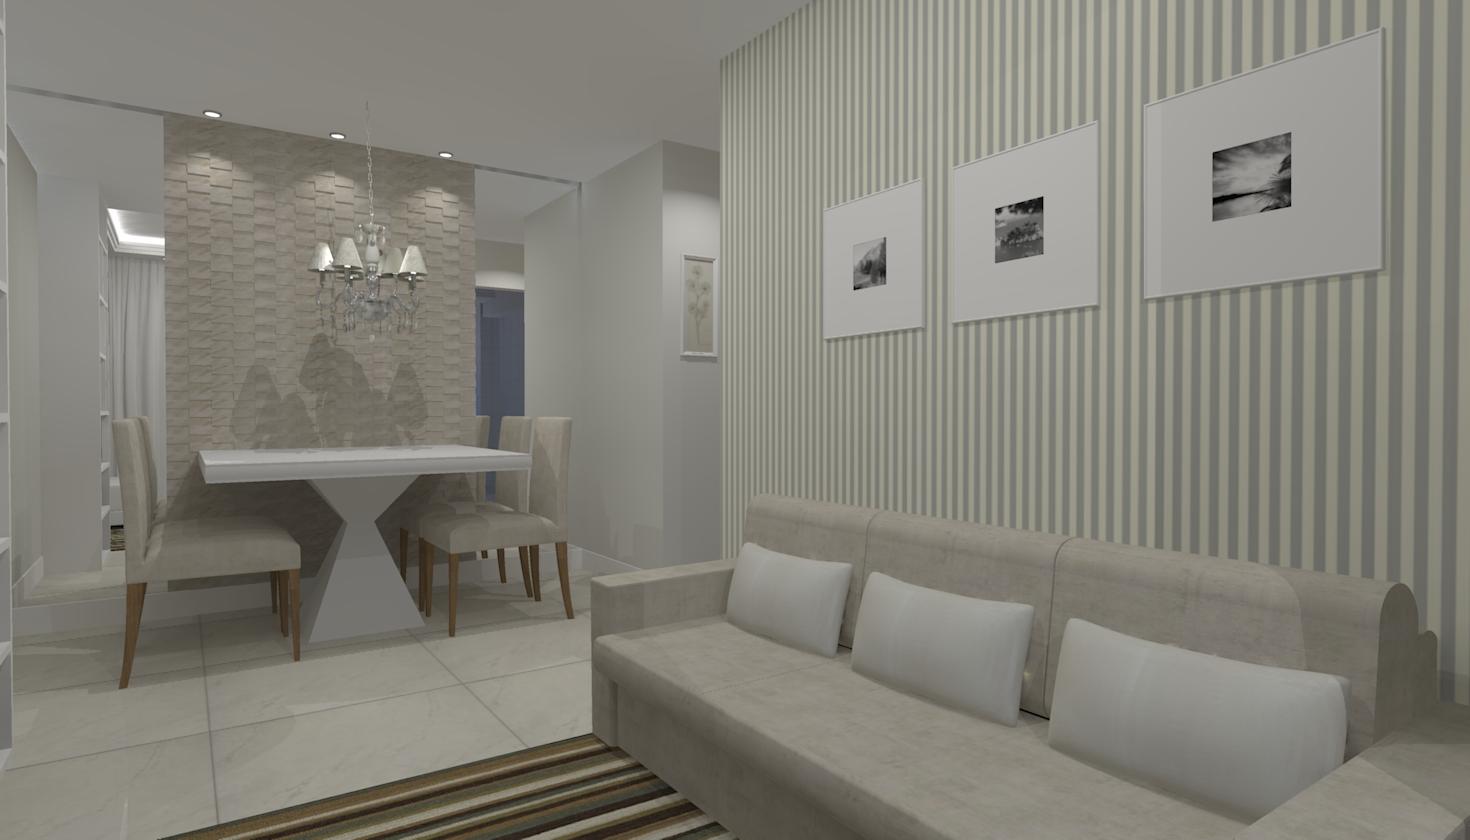 Sala De Estar Jantar E Tv ~ Salas de estar jantar e tv  Seu Sonho Desenhado